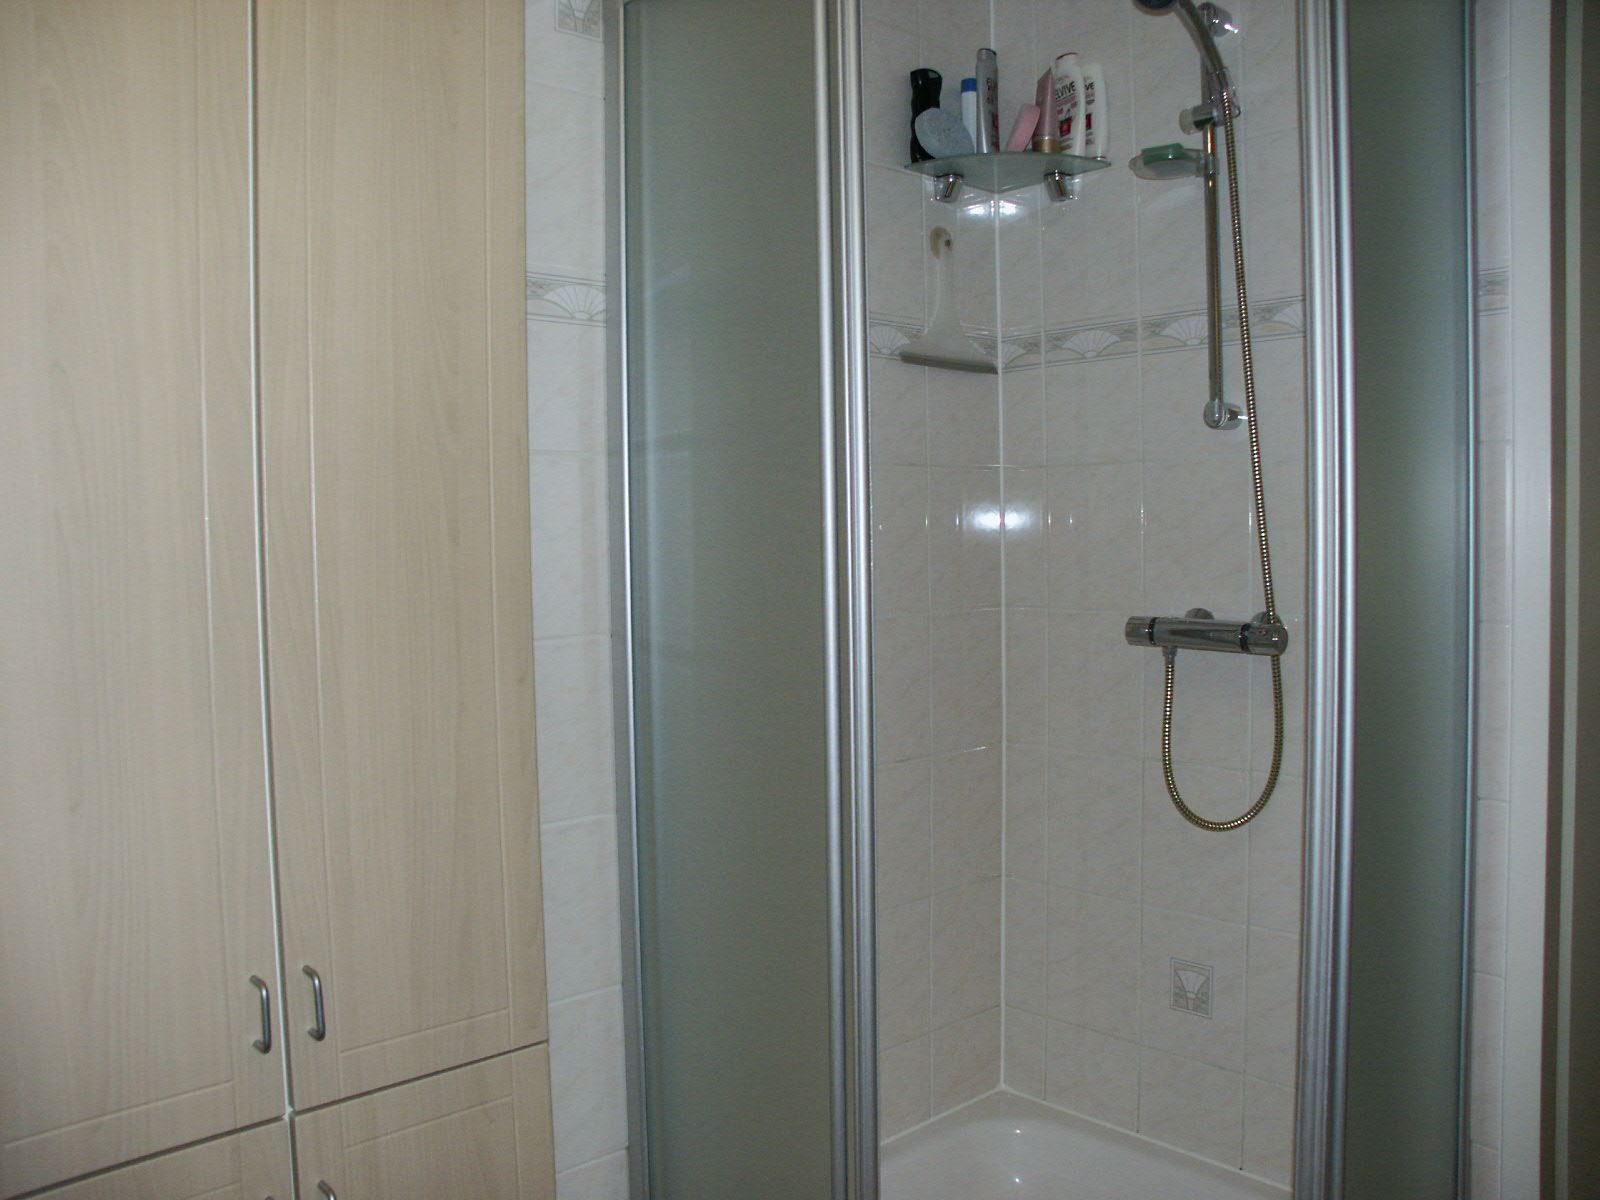 Appartement te koop: prinsenhof 2 4191 ep geldermalsen [funda]